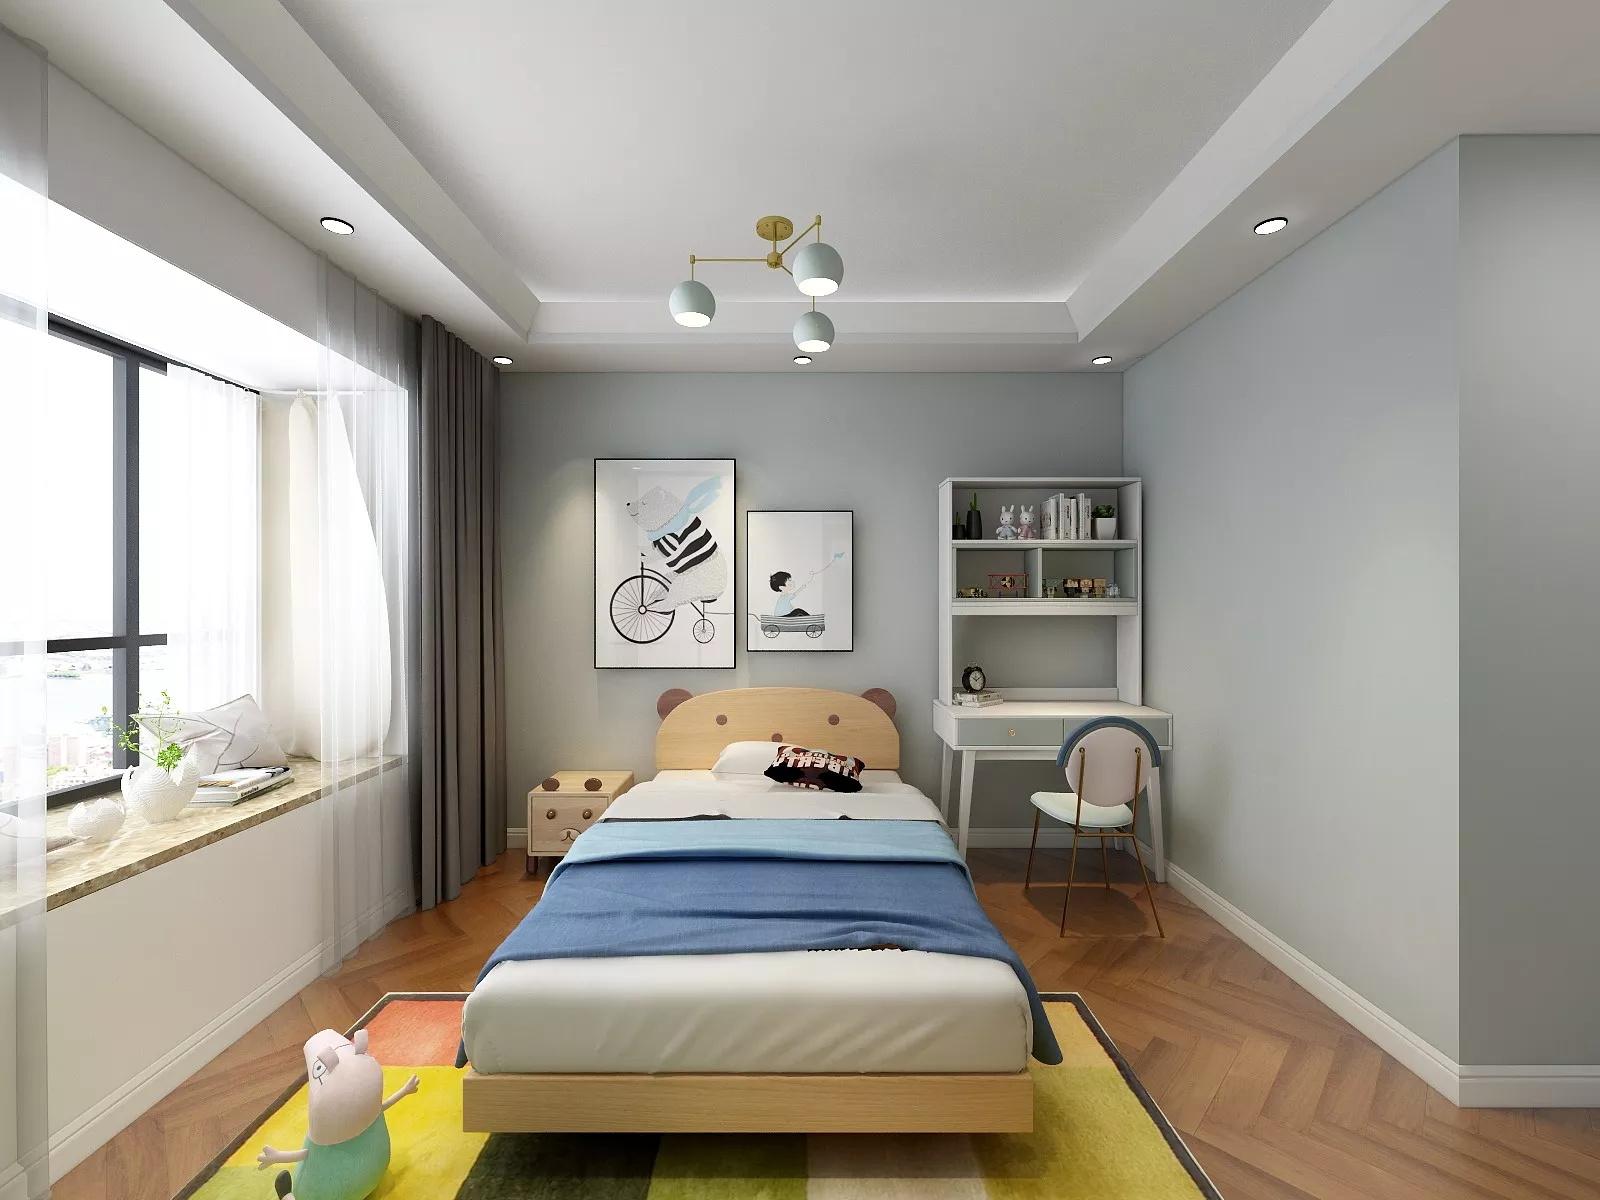 小卧室要怎么装修设计 小卧室装修设计小技巧